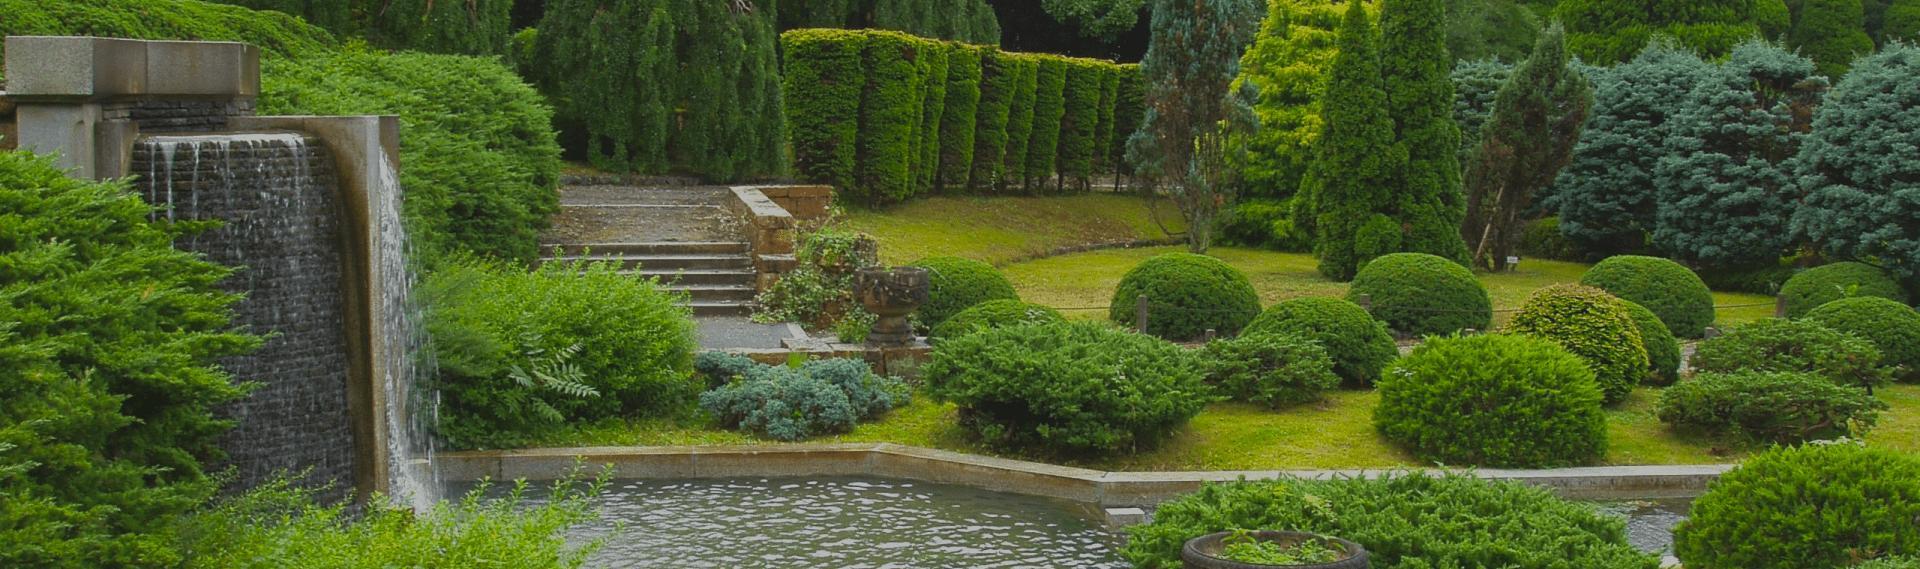 А как выглядит сад вашей мечты?